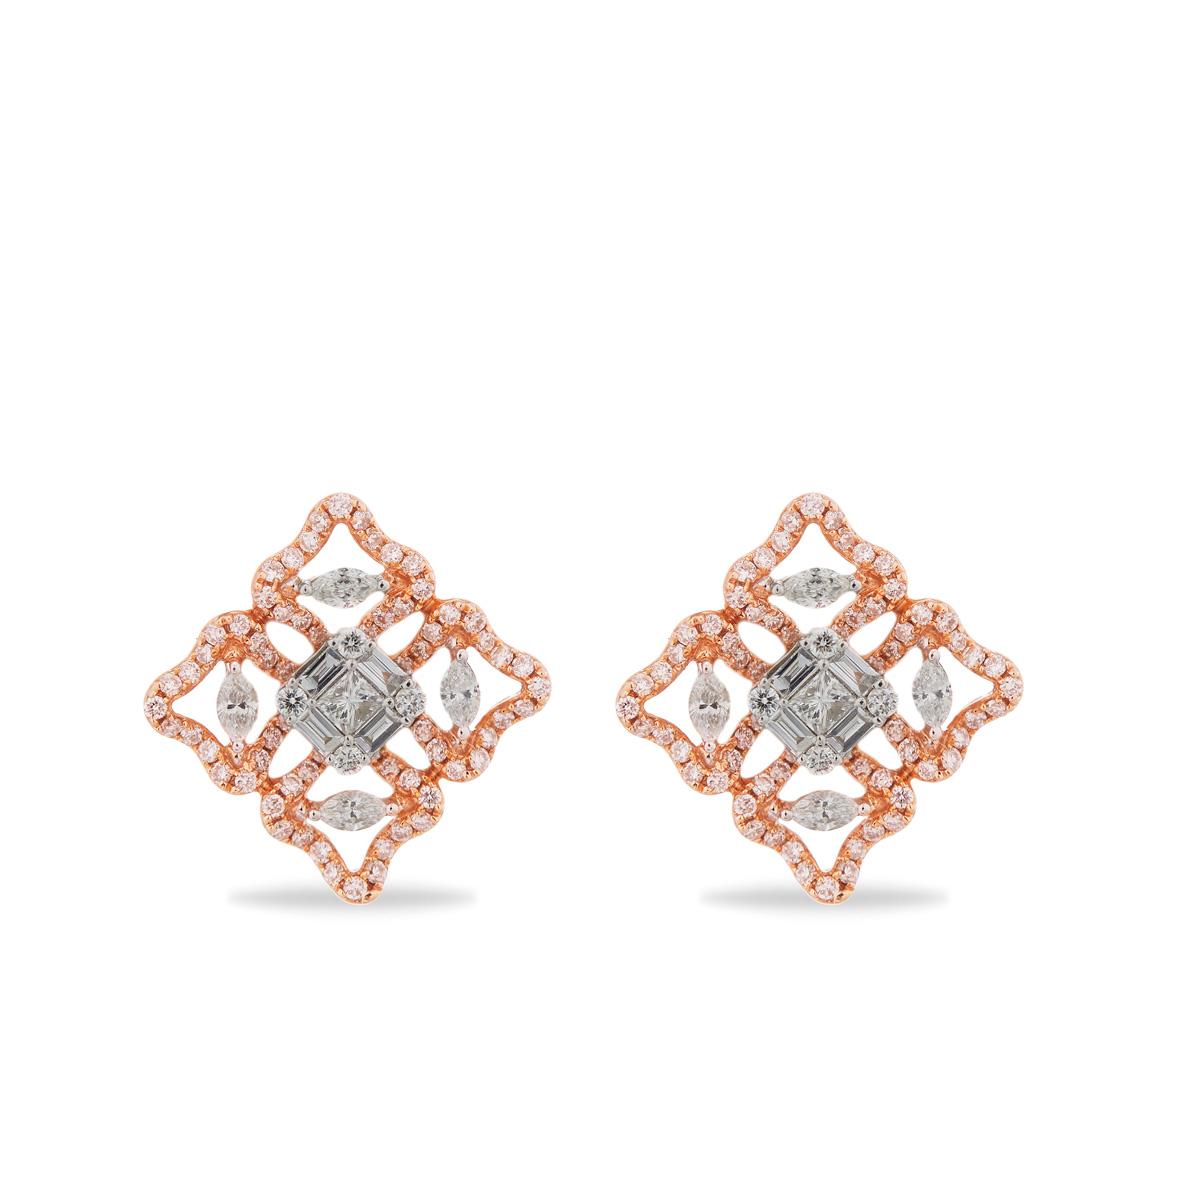 Stunning Cluster Diamond Earrings